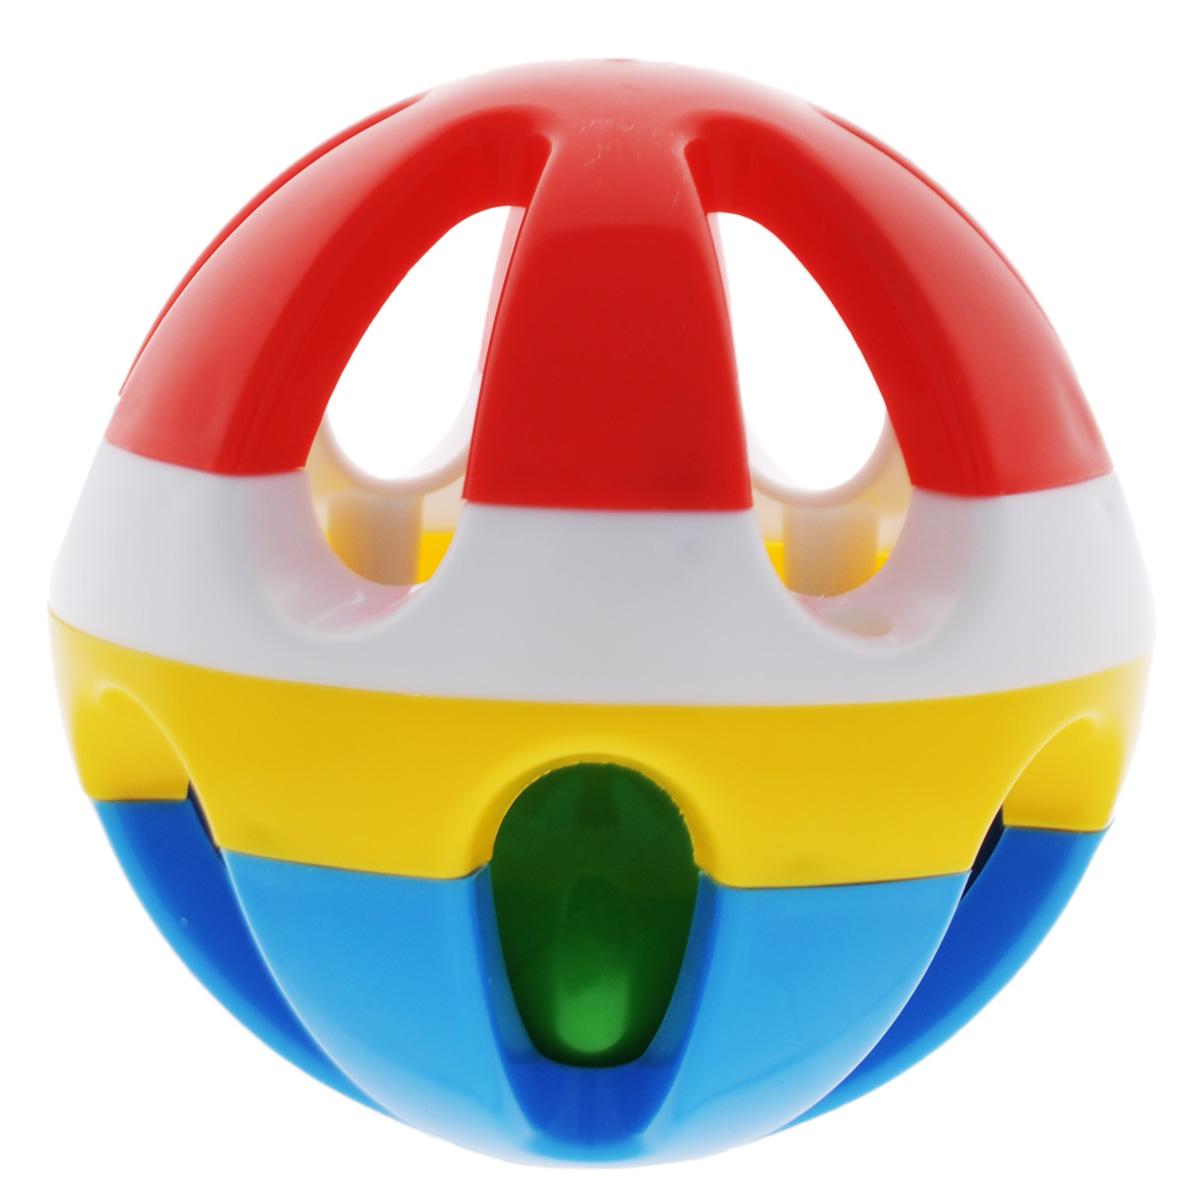 """Погремушка Stellar """"Шар"""", 9 см, цвет: красный, белый, желтый, синий, Стеллар"""